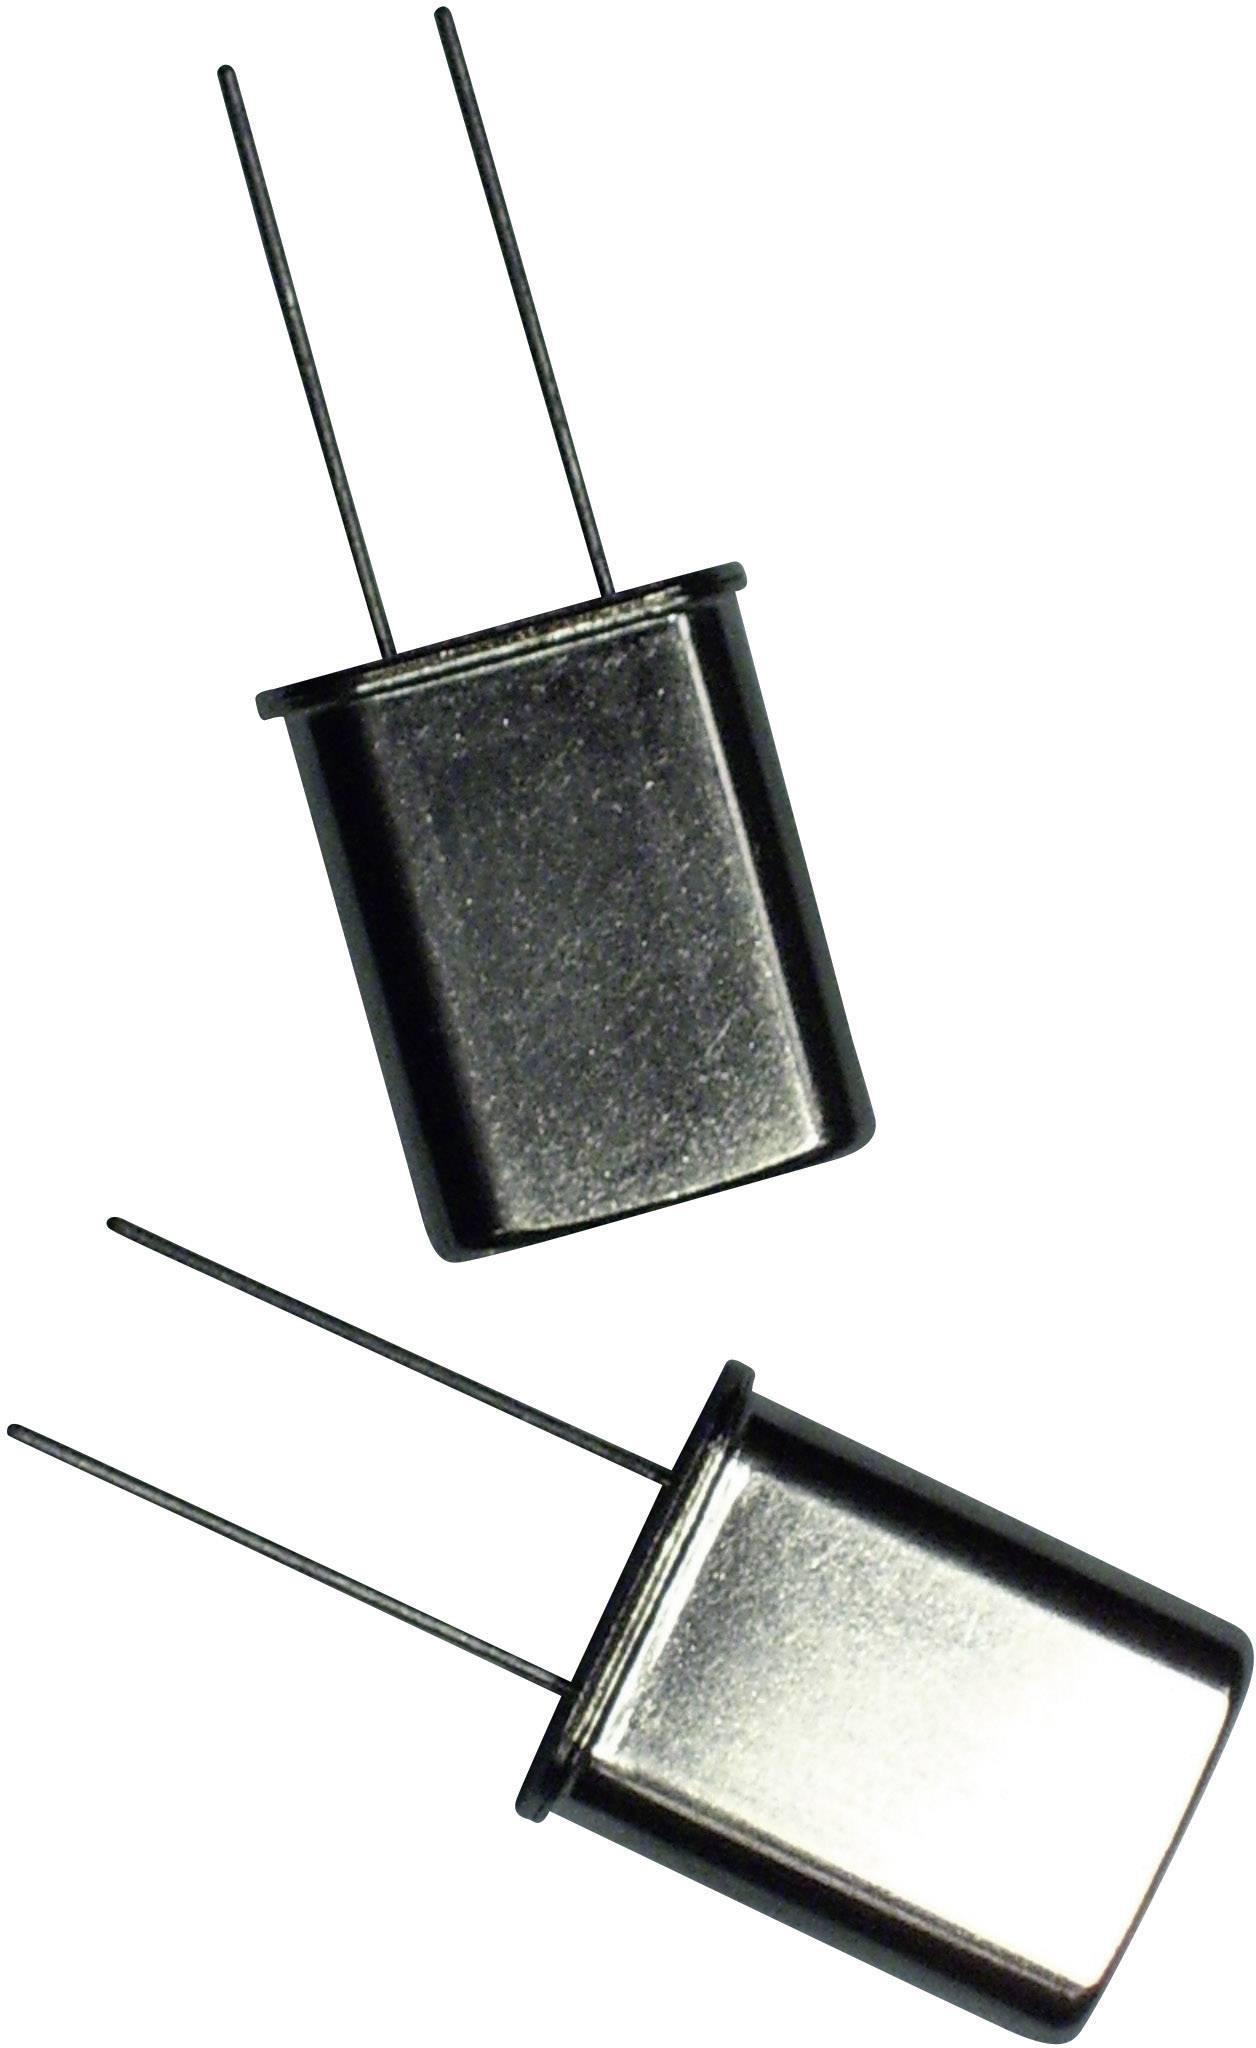 Krystal EuroQuartz, 11,0592 MHz, HC49, 30/50/40/18PF/ATF